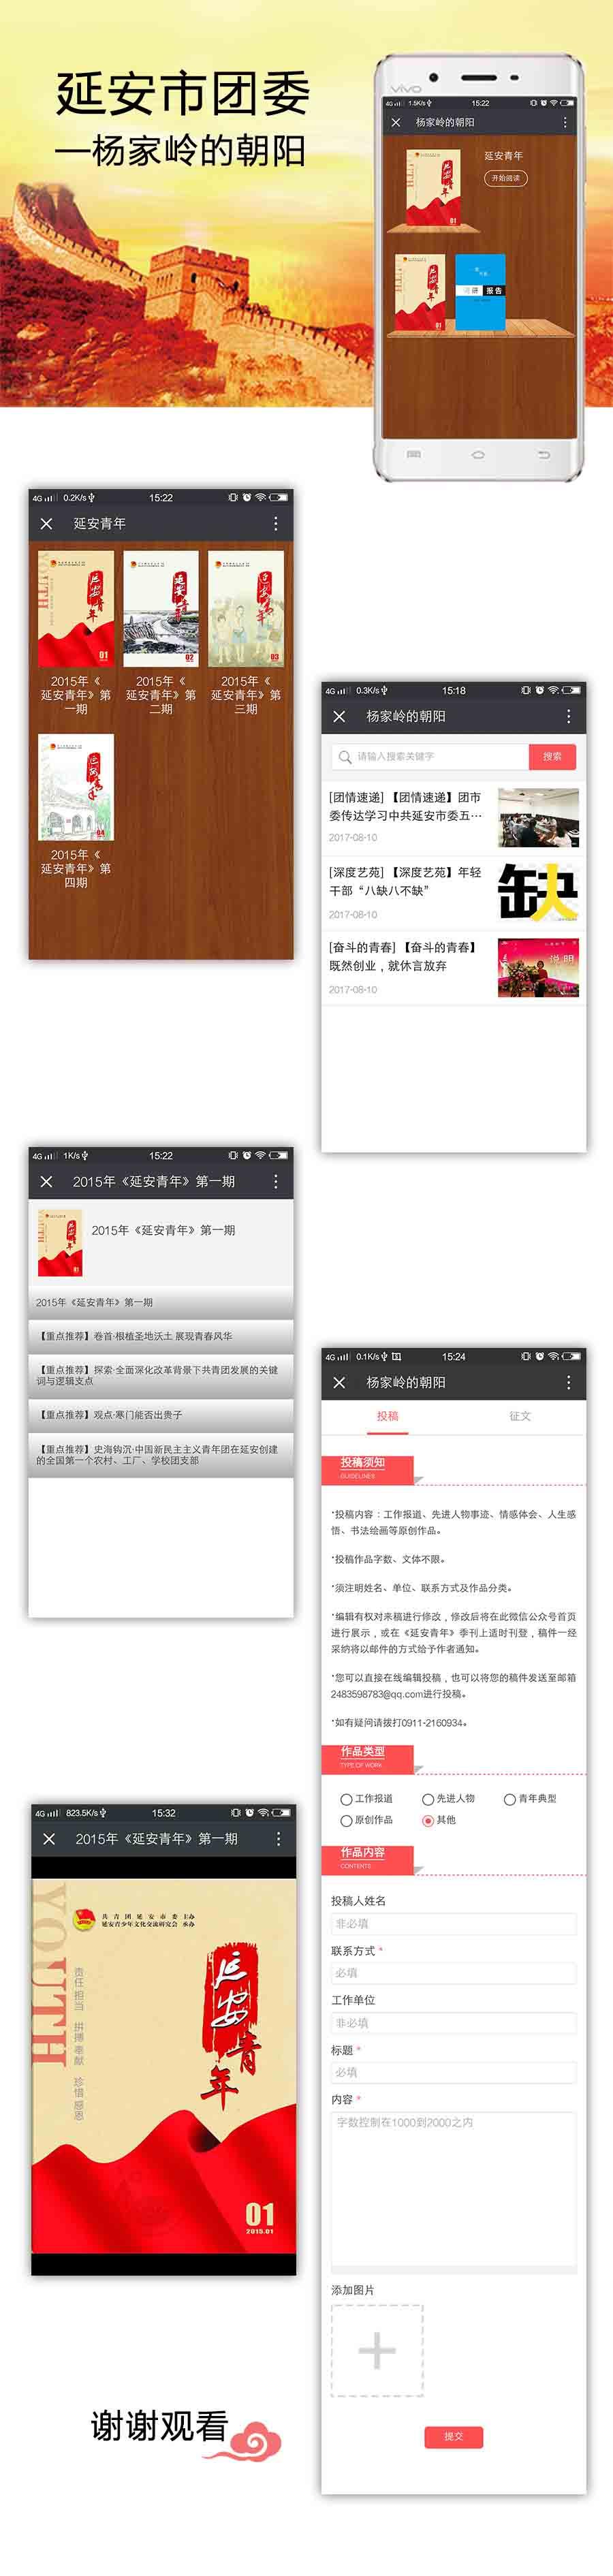 微信开发案例中国共产主义青年团延安市委员会